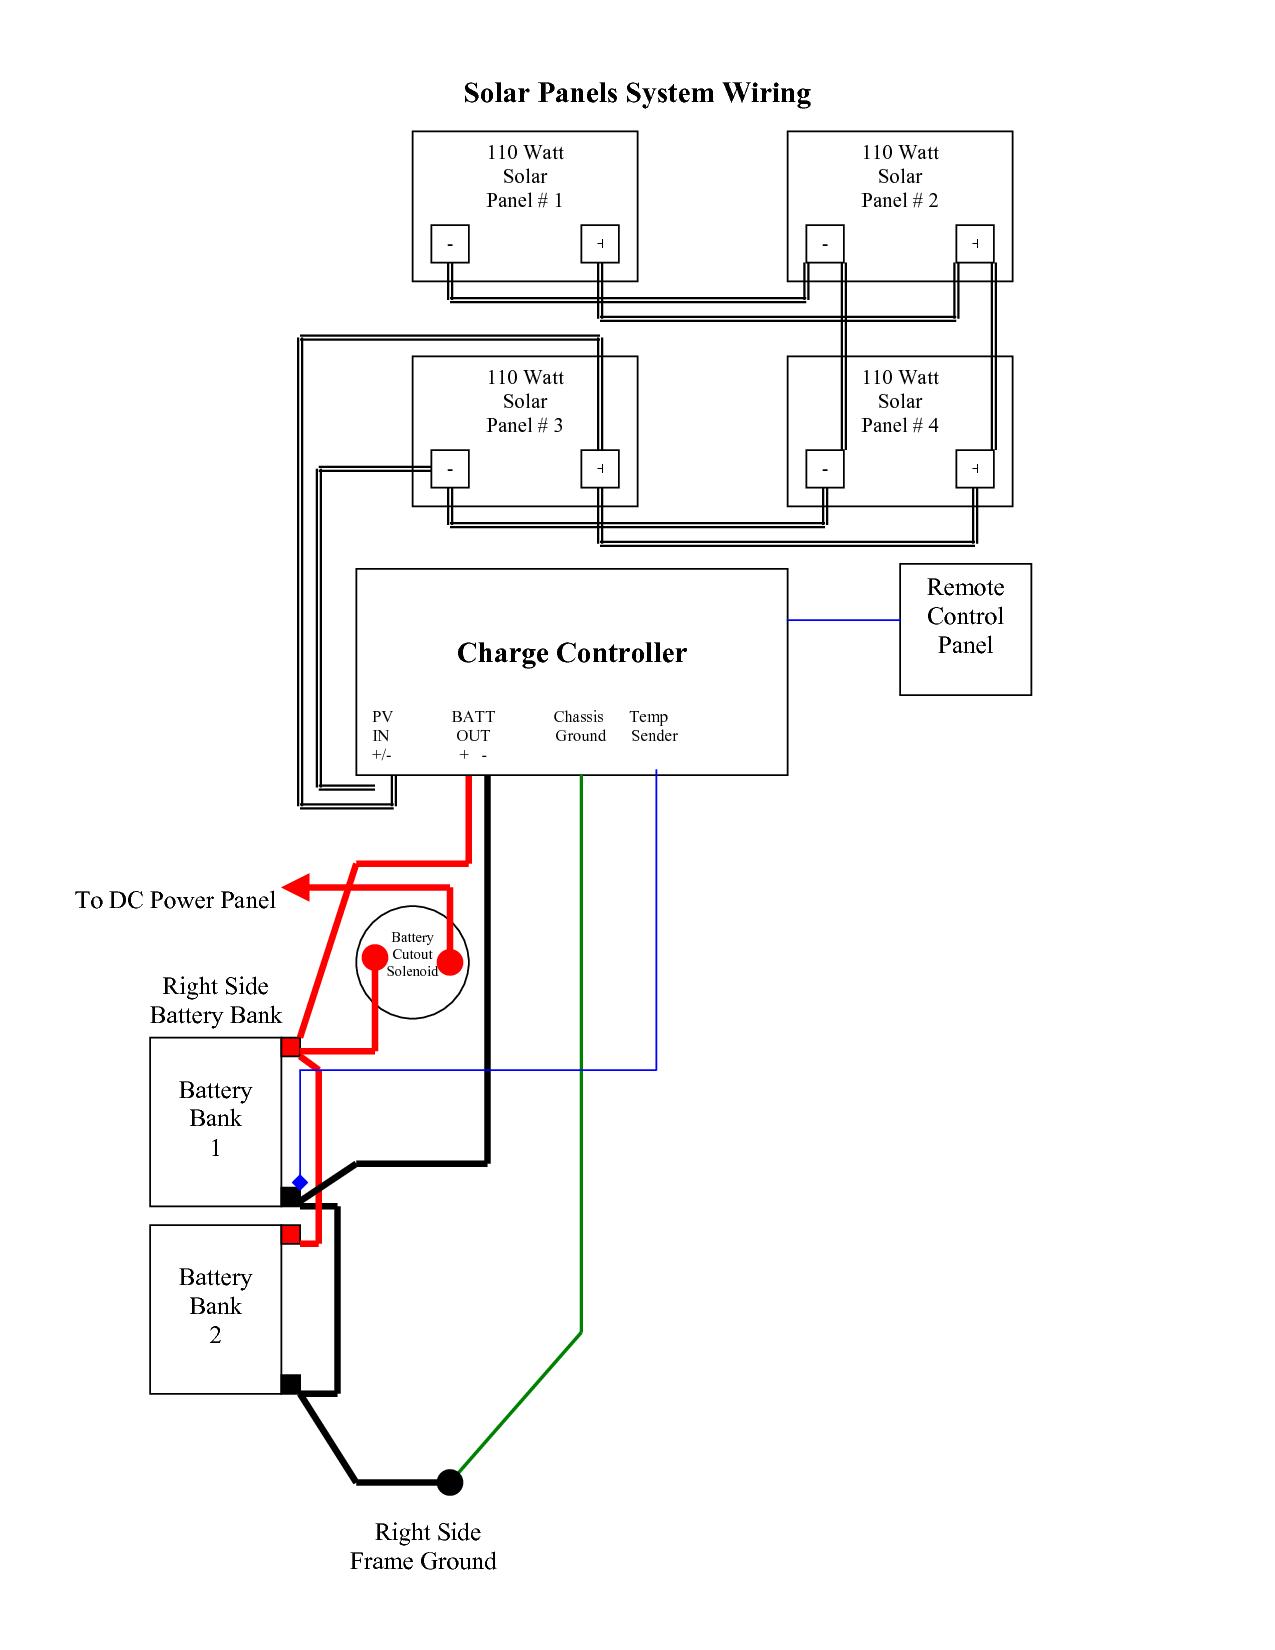 Solar Panels System Wiring 110 Watt 110 Watt Solar